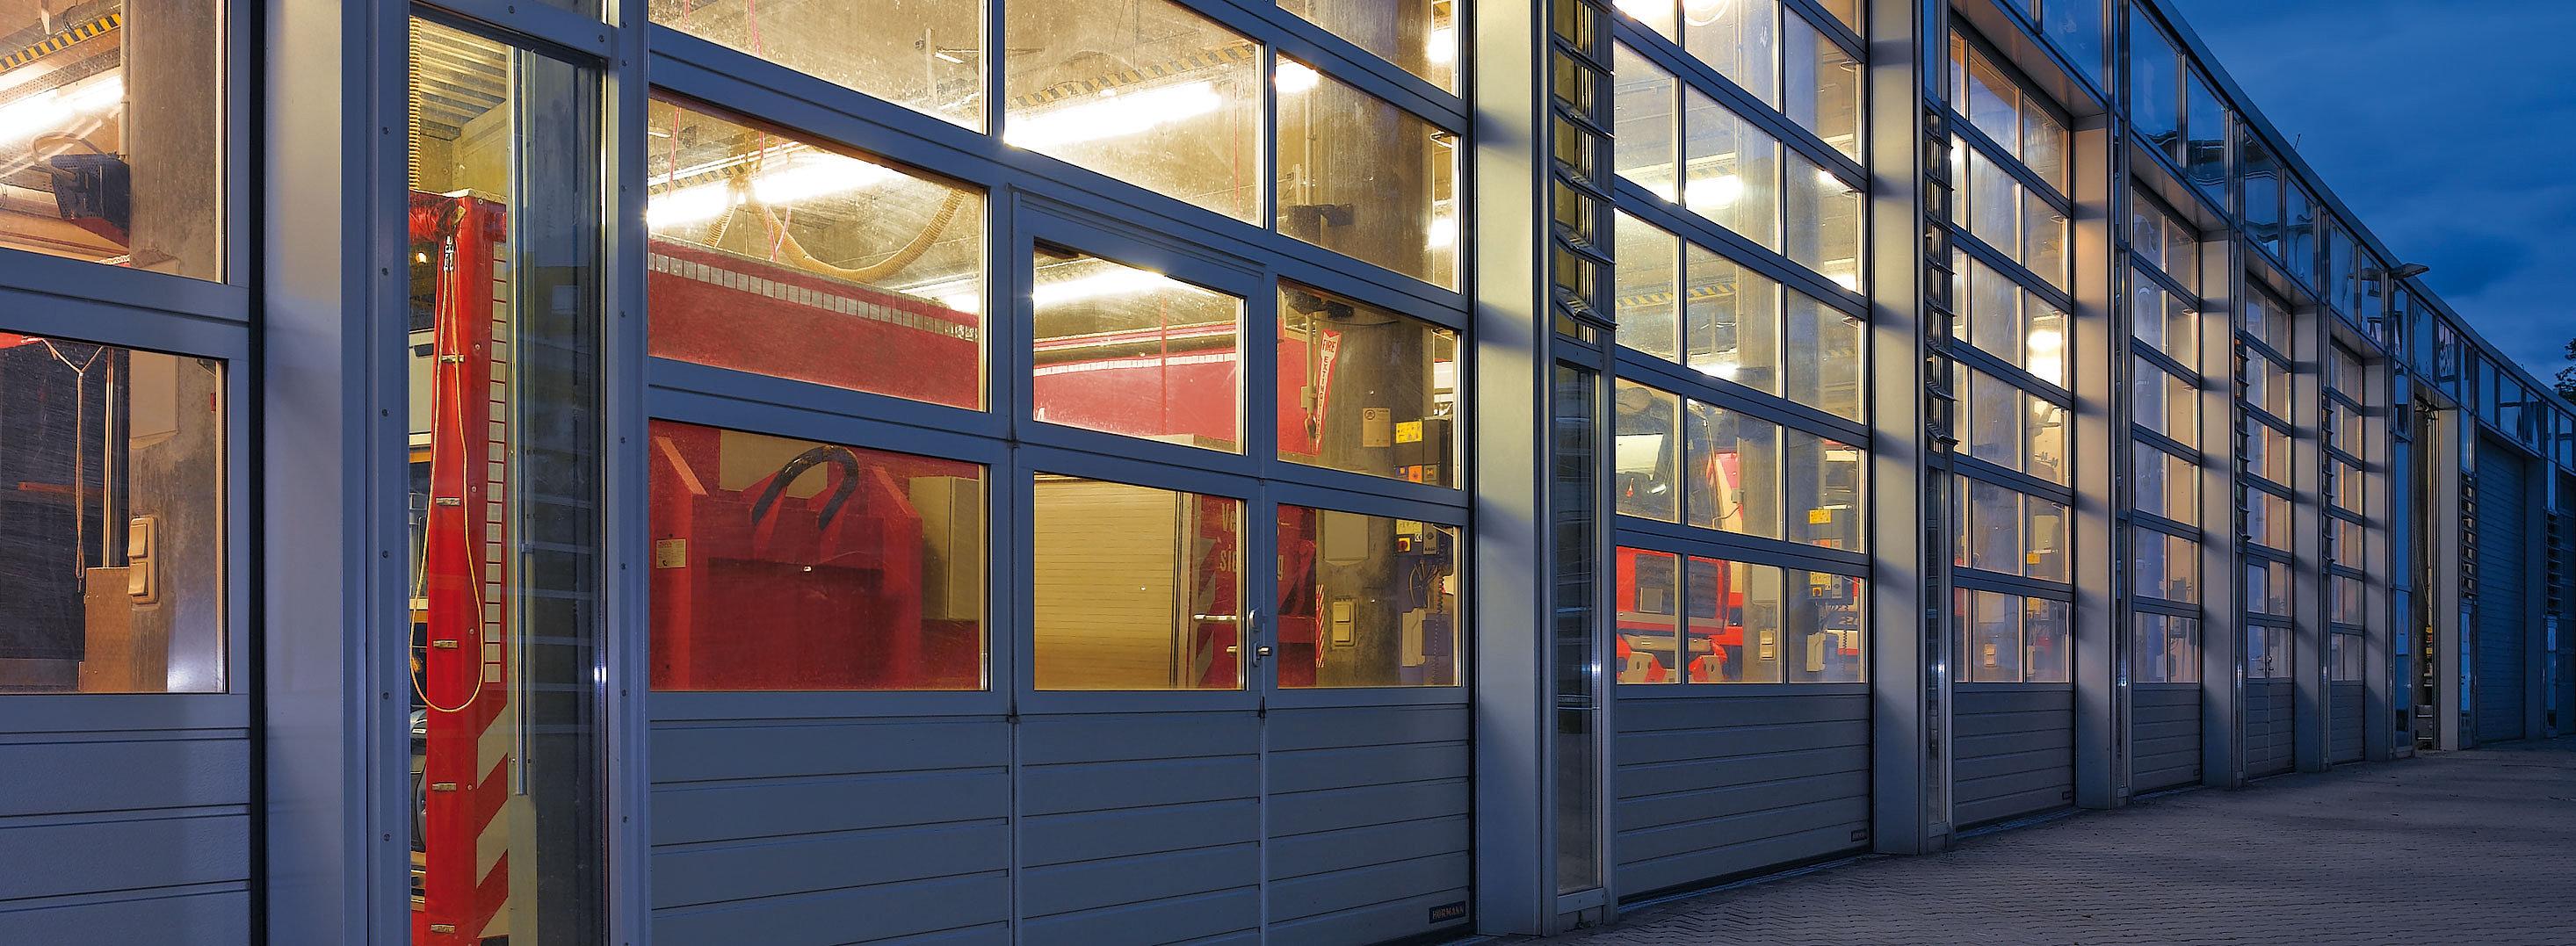 Marian Doors | Industrial Sectional Doors. & Marian Doors | Industrial Sectional Doors Pezcame.Com